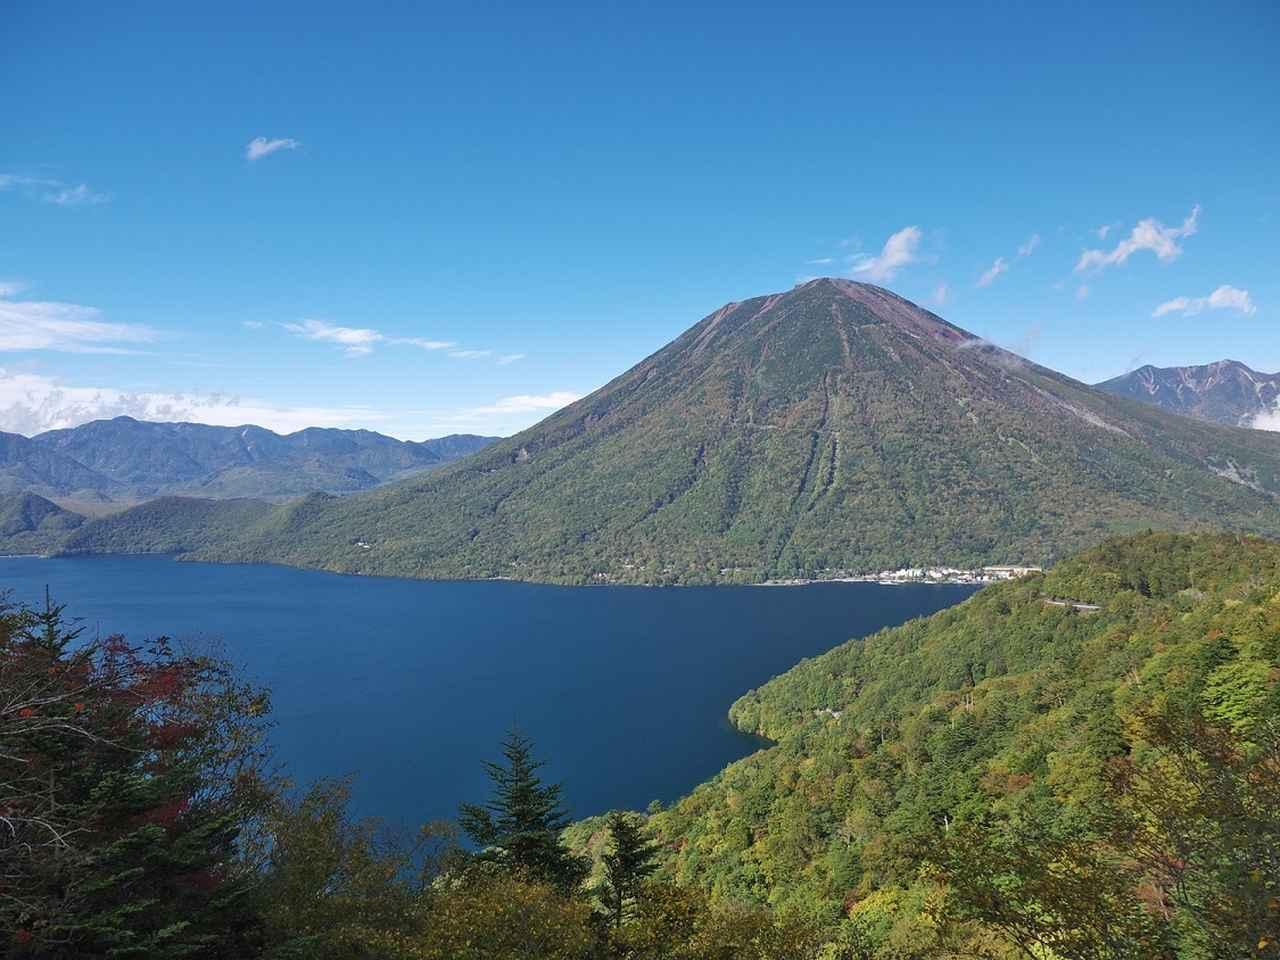 画像: 中禅寺湖と男体山(イメージ)